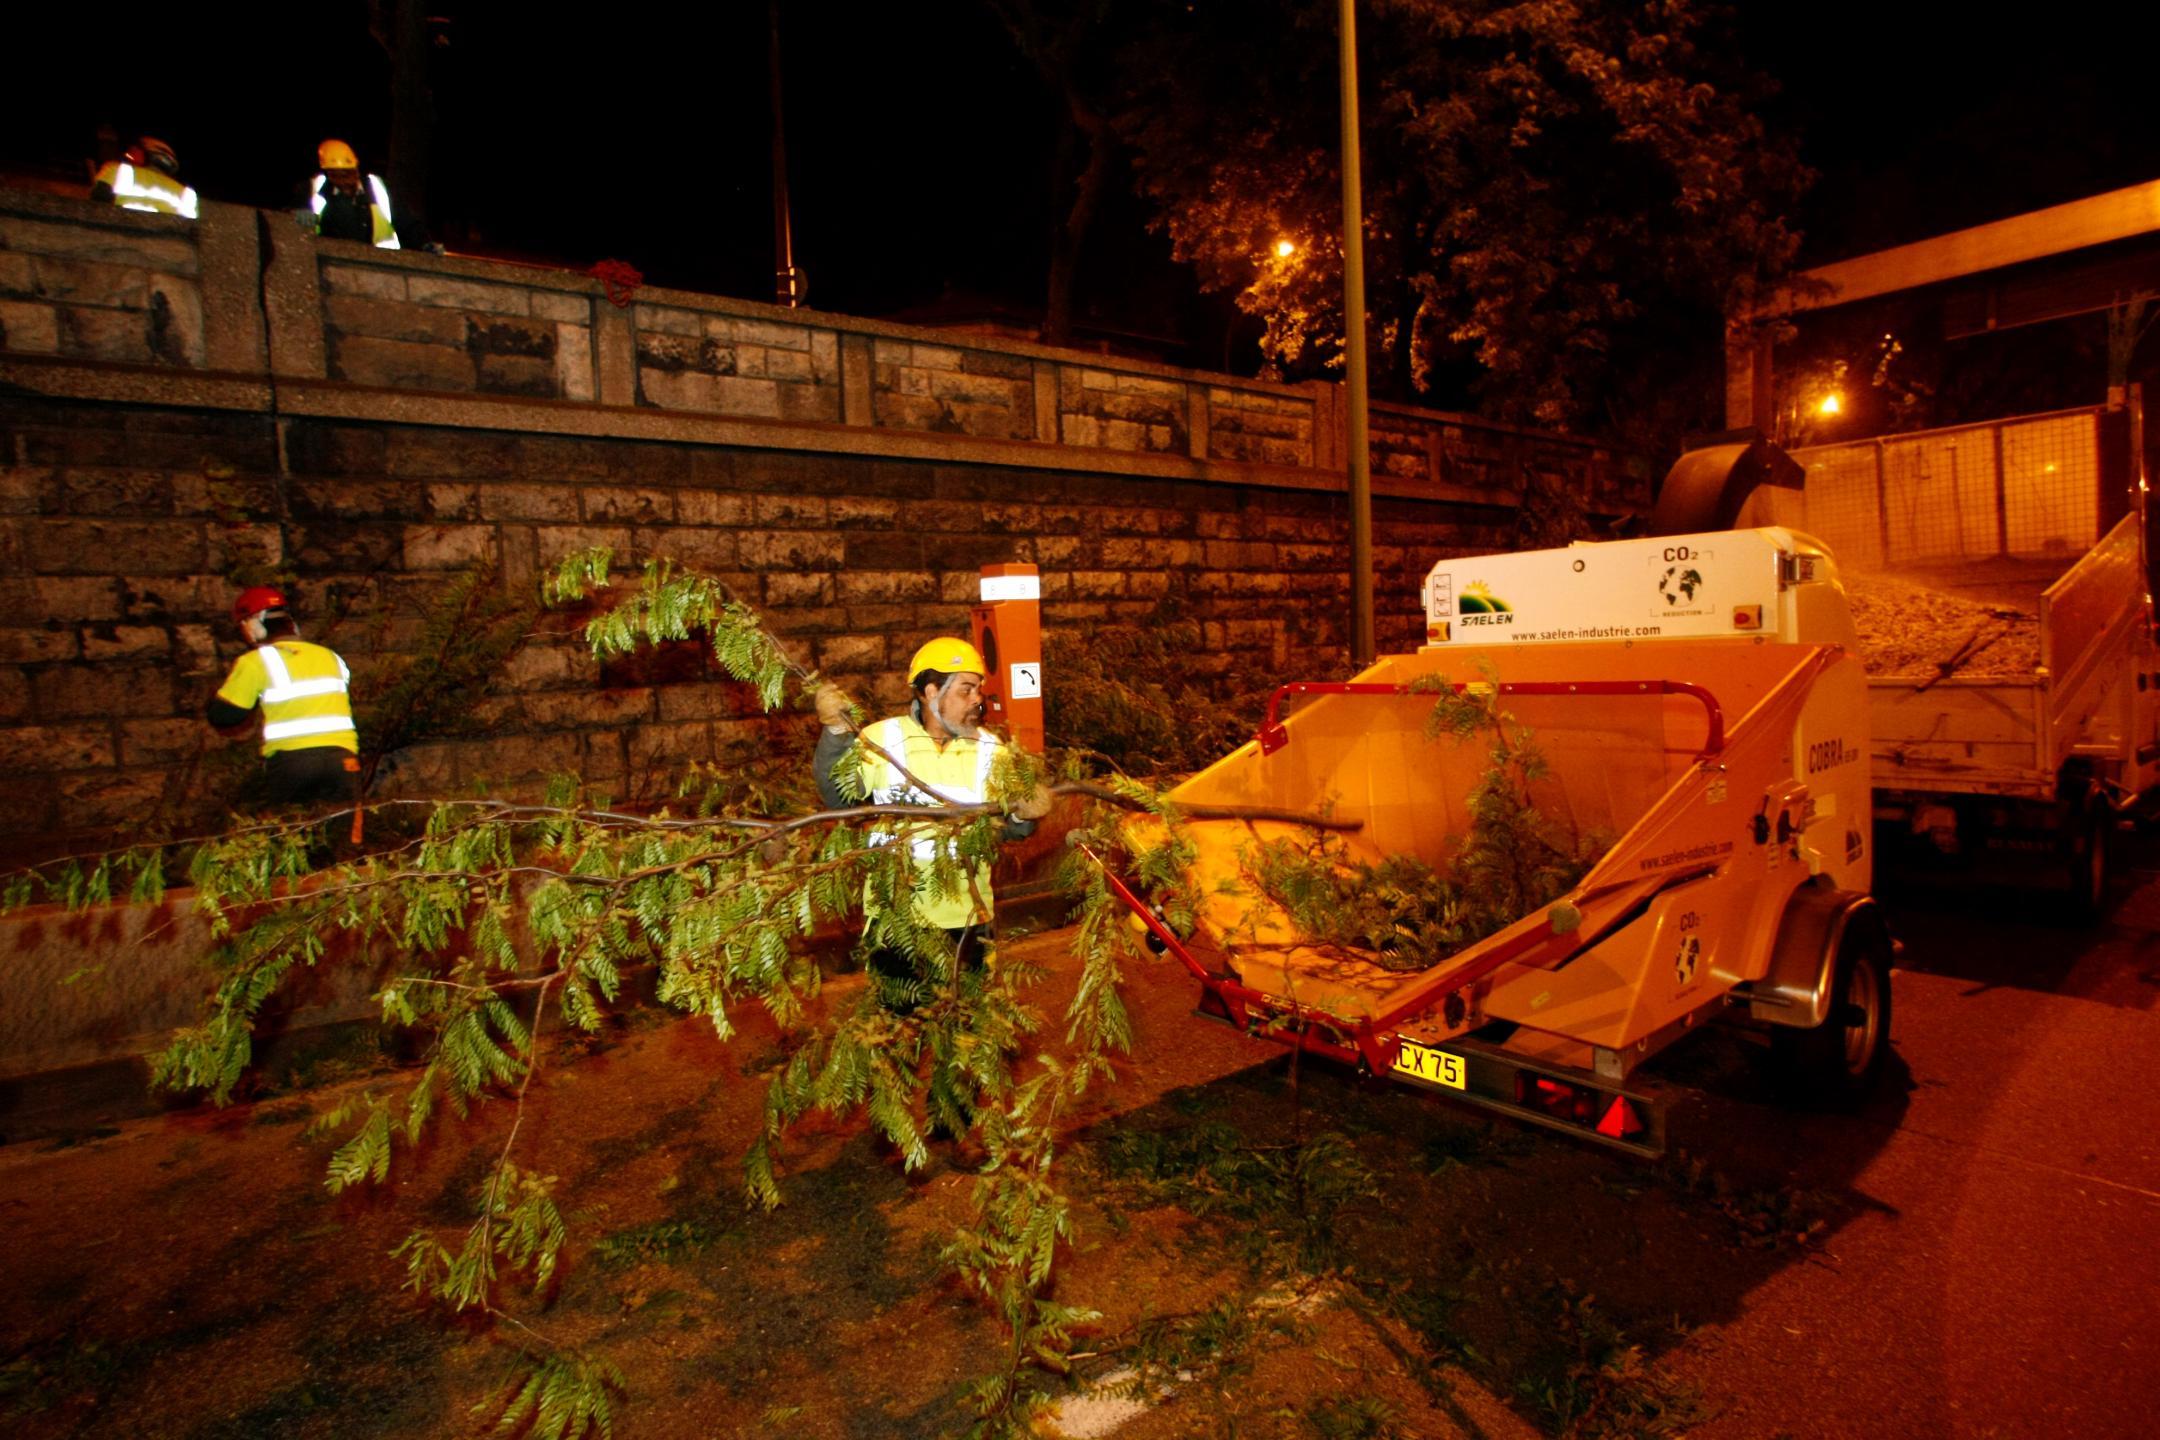 Nettoyage et entretien du boulevard périphérique la nuit.